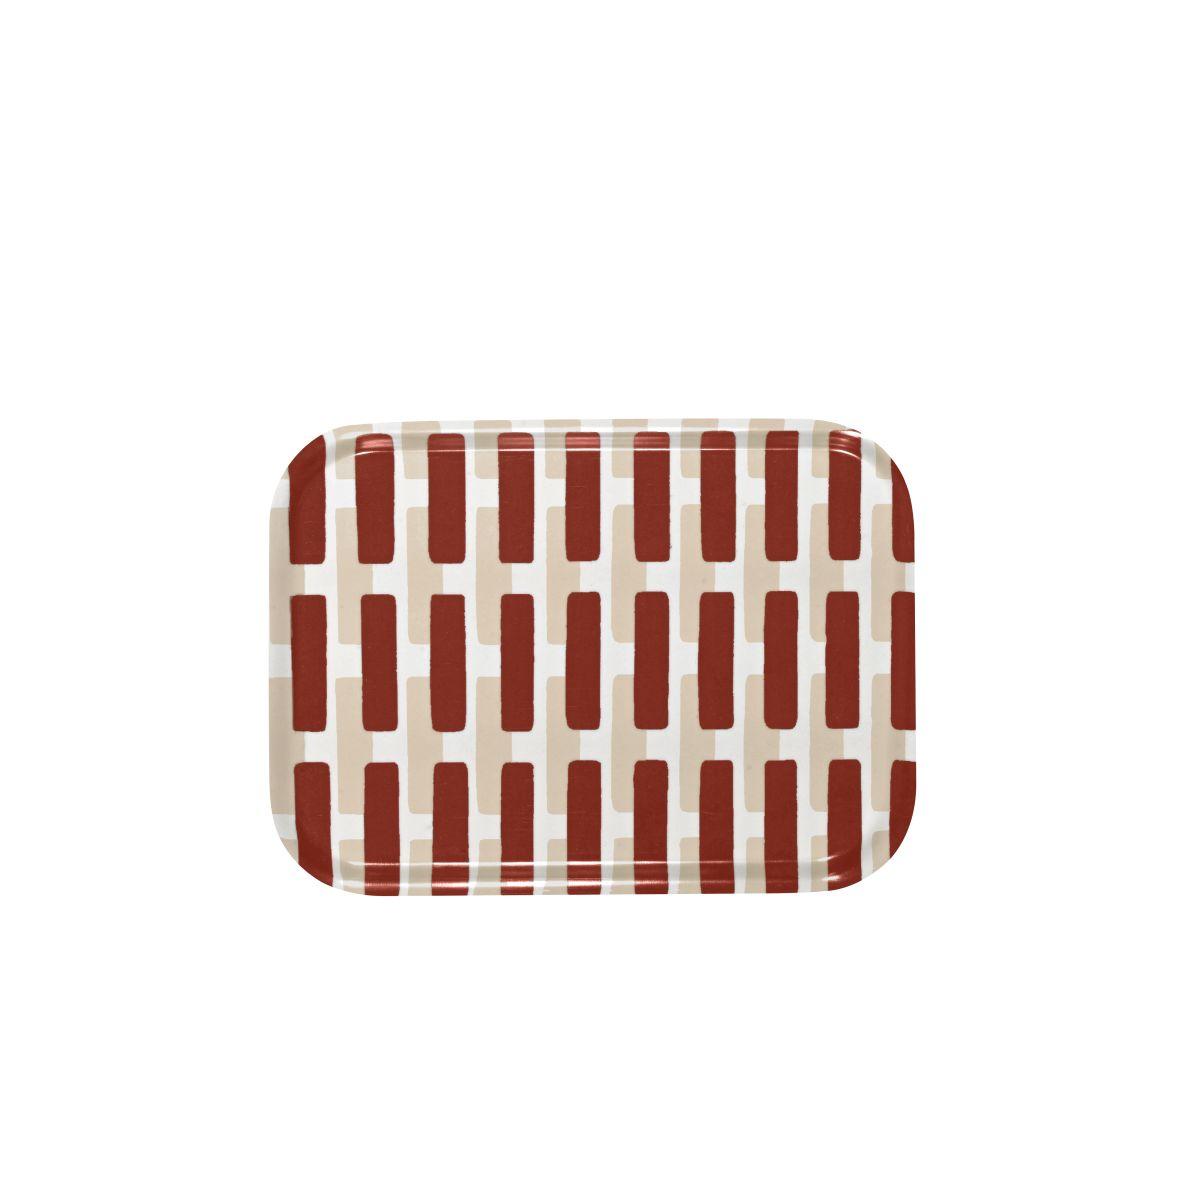 Siena-Tray-small-brick-sand-shadow-3977011